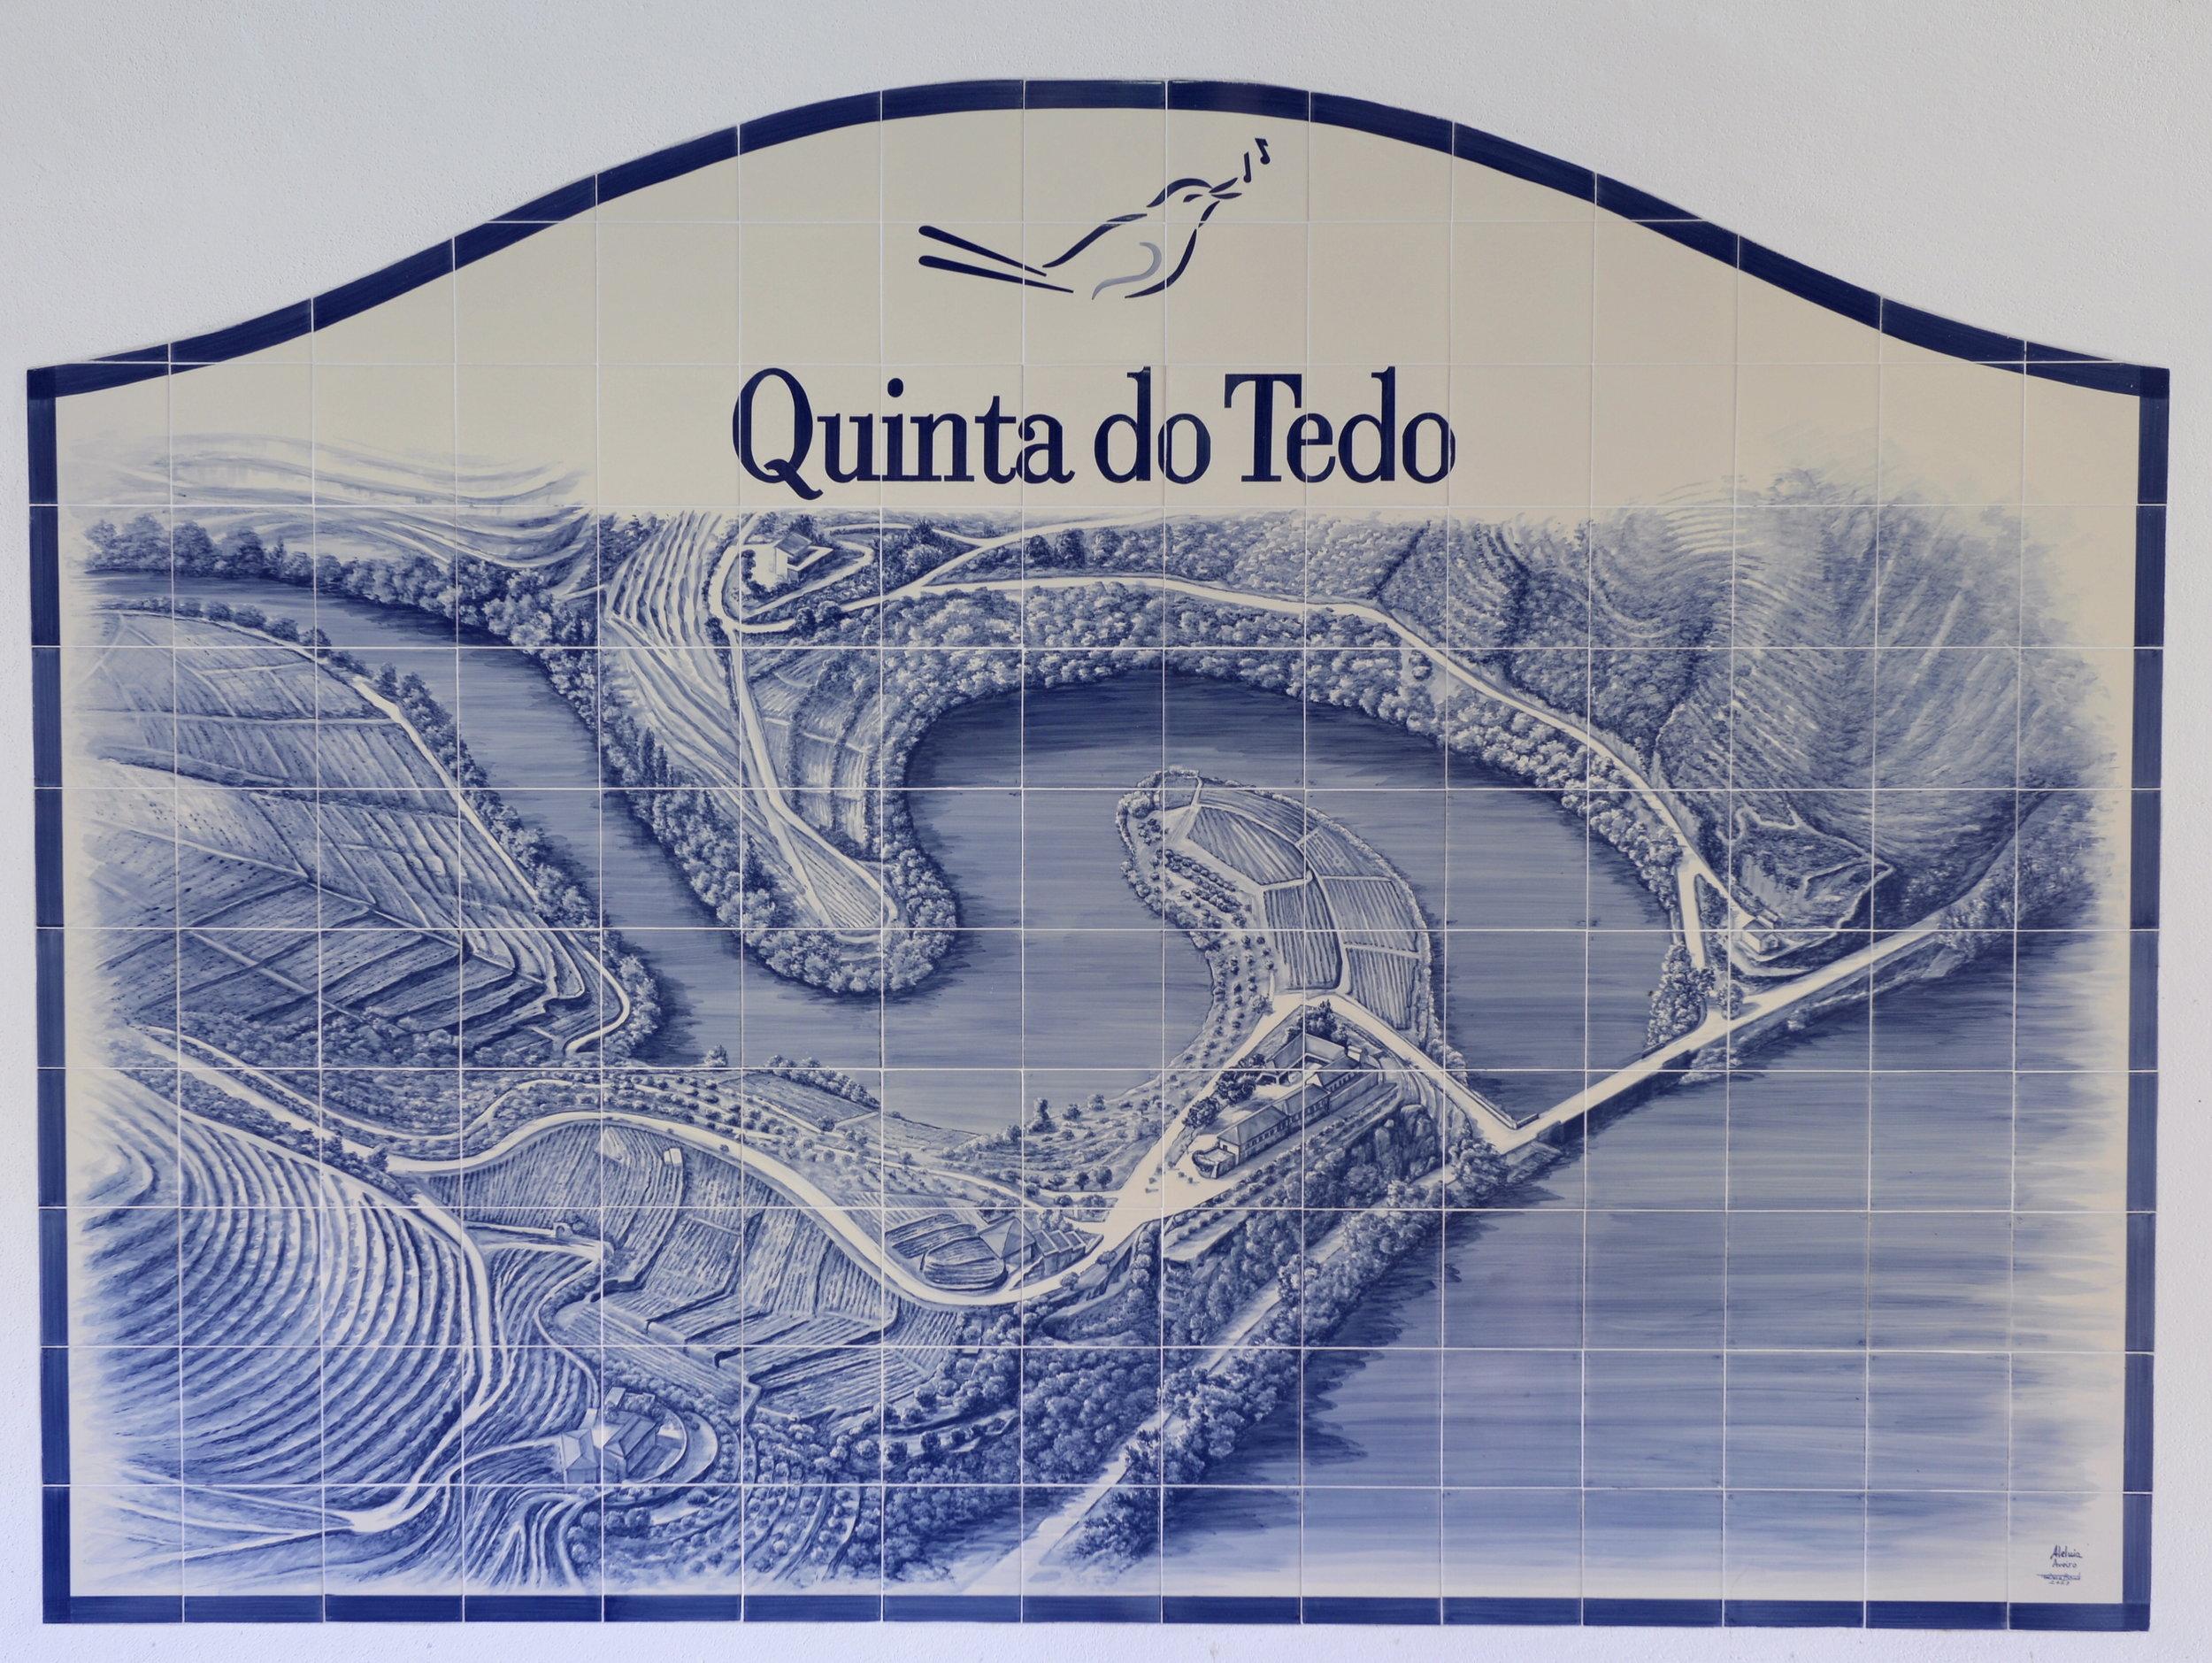 Aerial view of Quinta do Tedo.